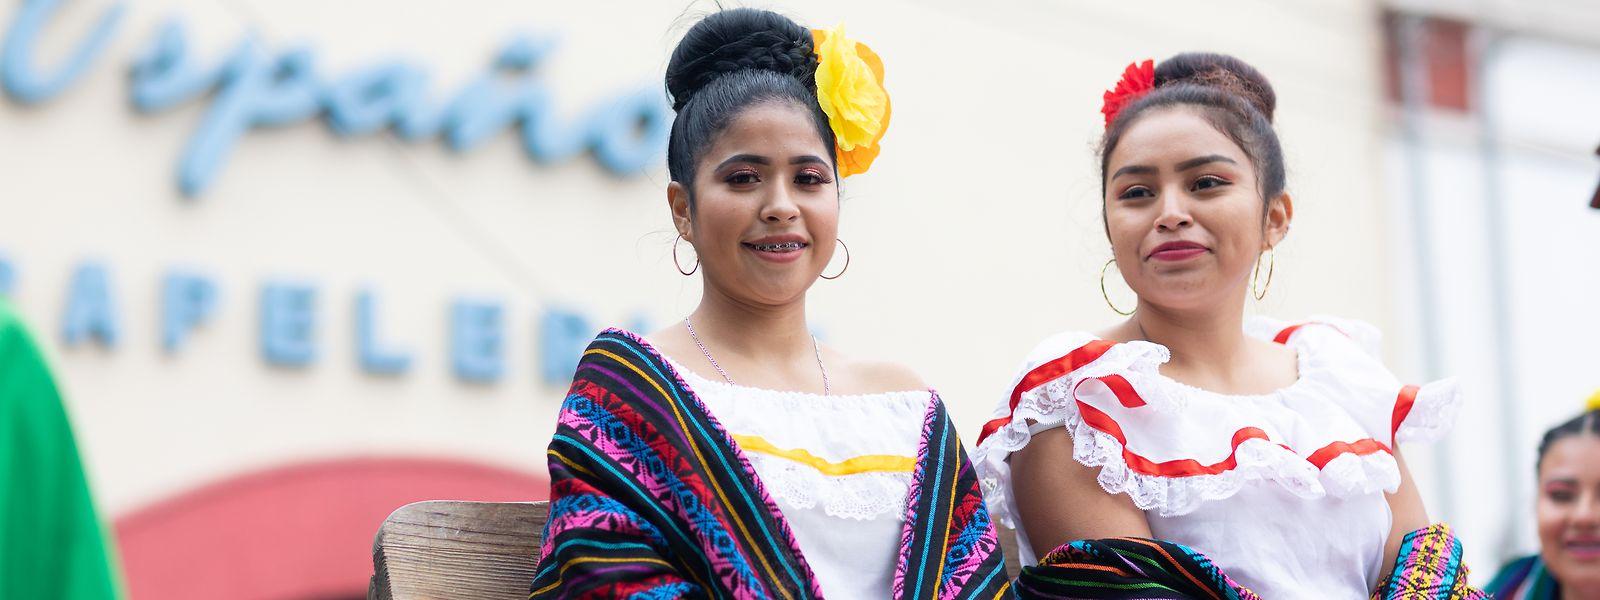 """Nordmexikos frauentypische """"Sarape-Umhänge"""" werden gerne von Modelabels kopiert."""